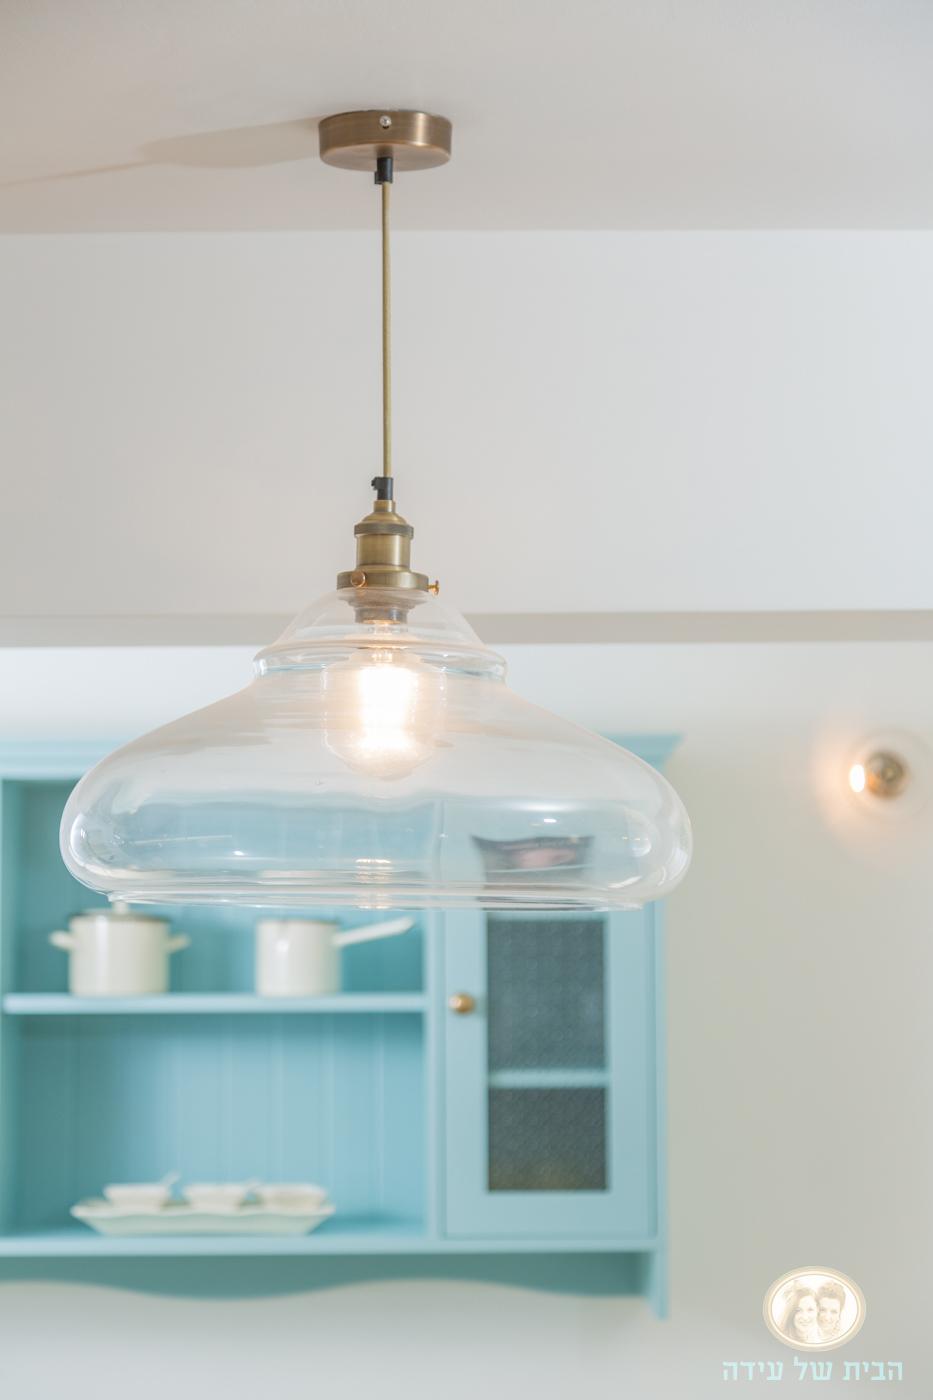 מנורת זכוכית תלויה